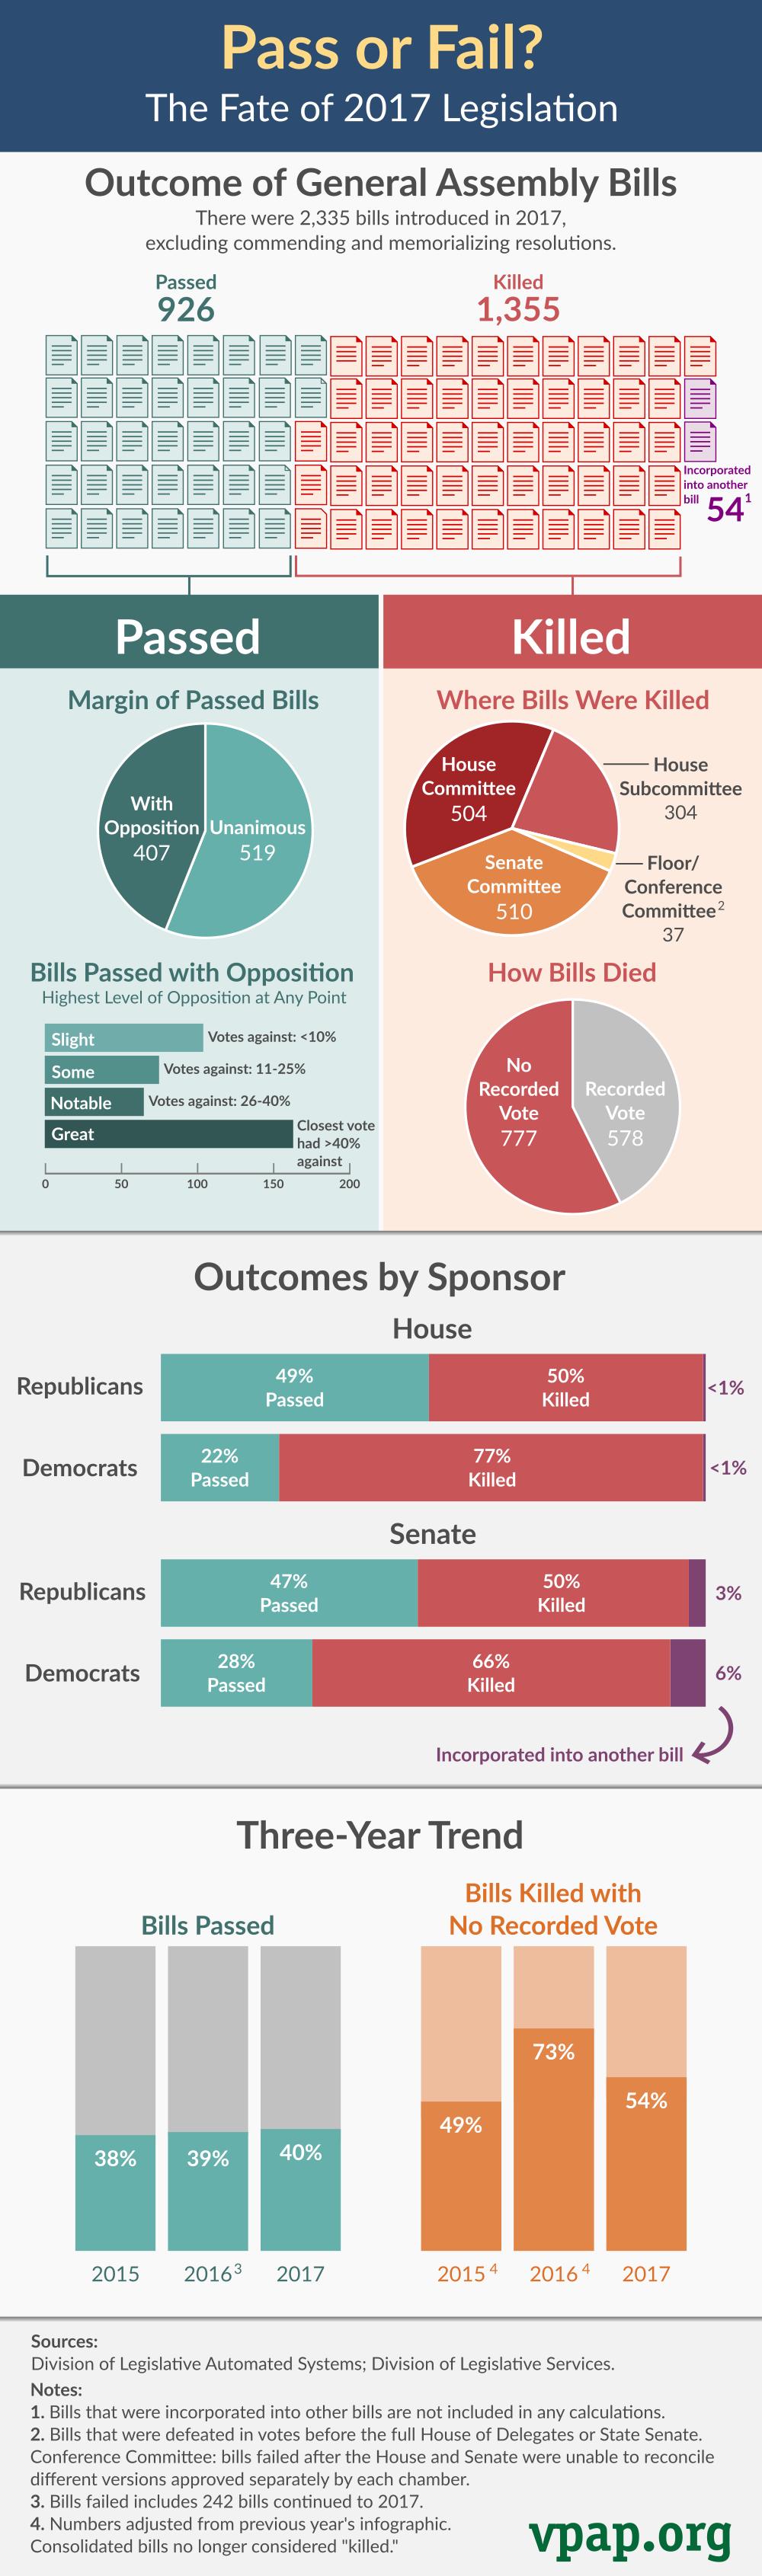 Pass or Fail? Fate of 2017 Legislation